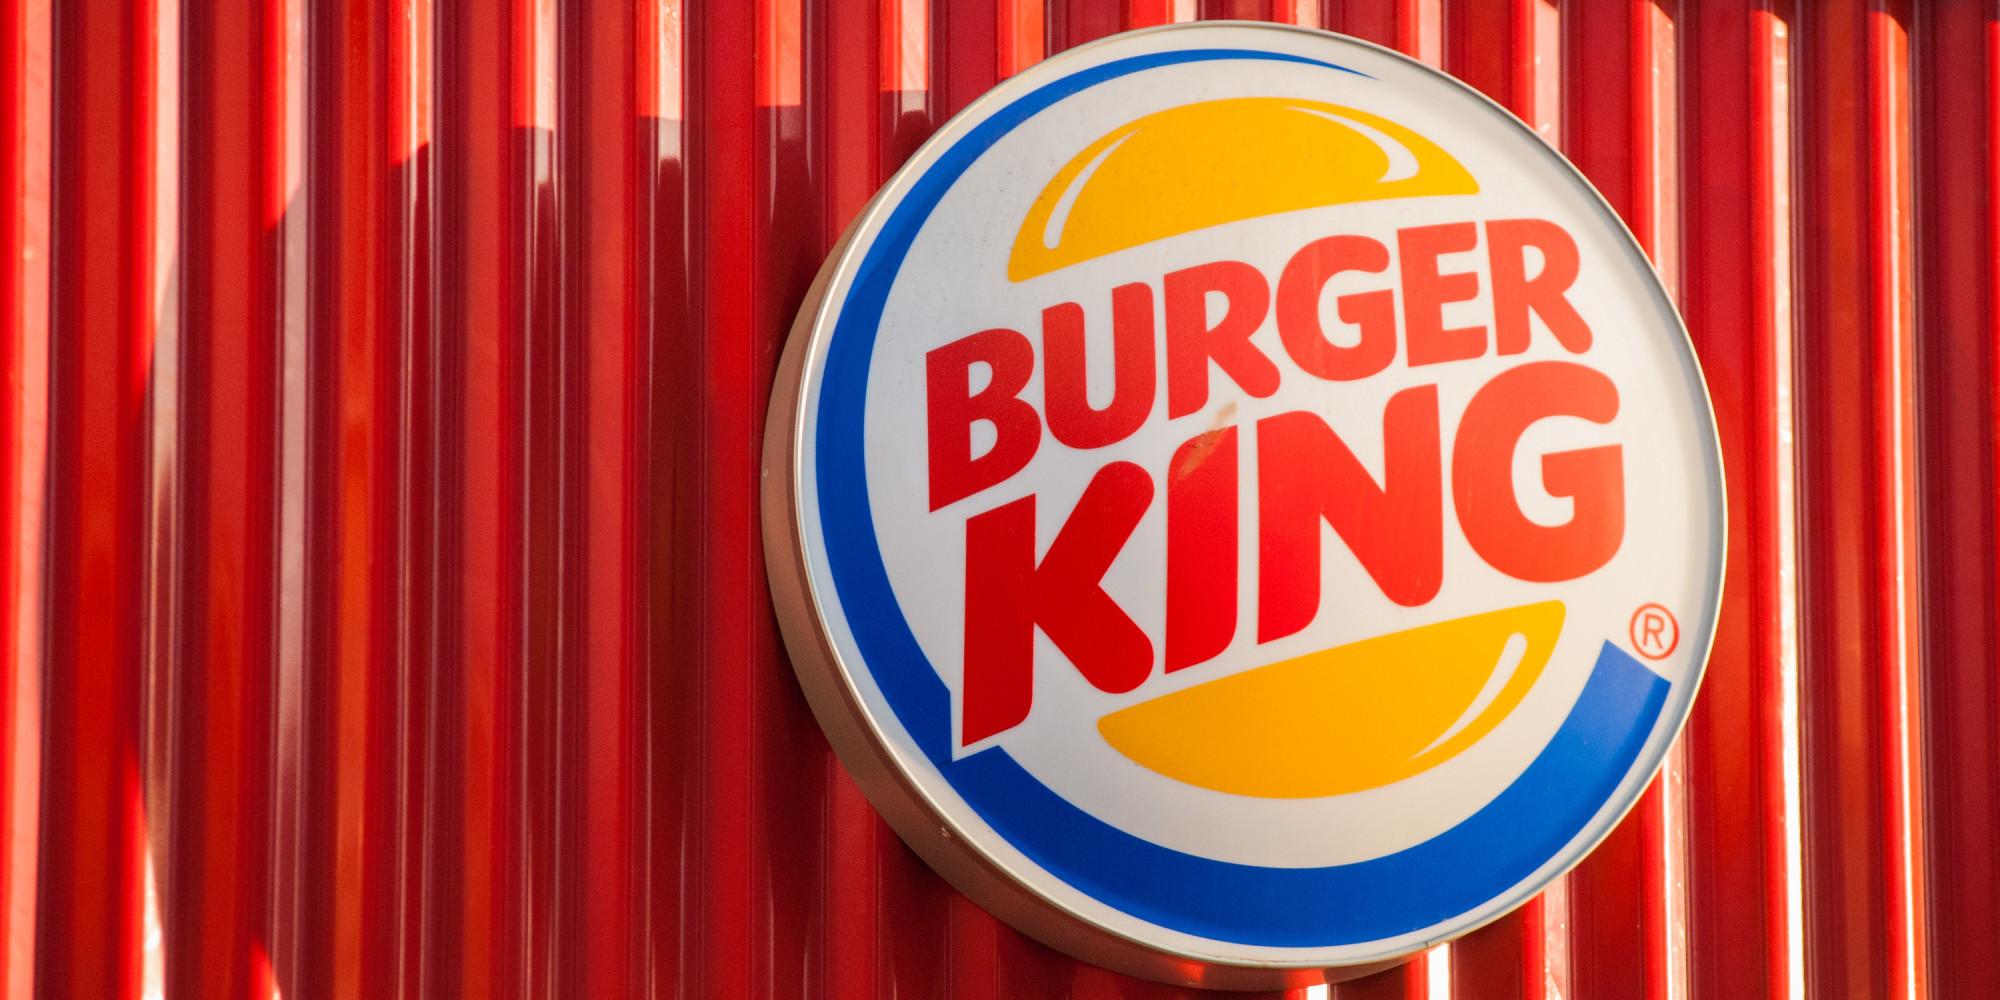 Burger King Gluten Free Menu Amp Gluten Free Diet Tips New